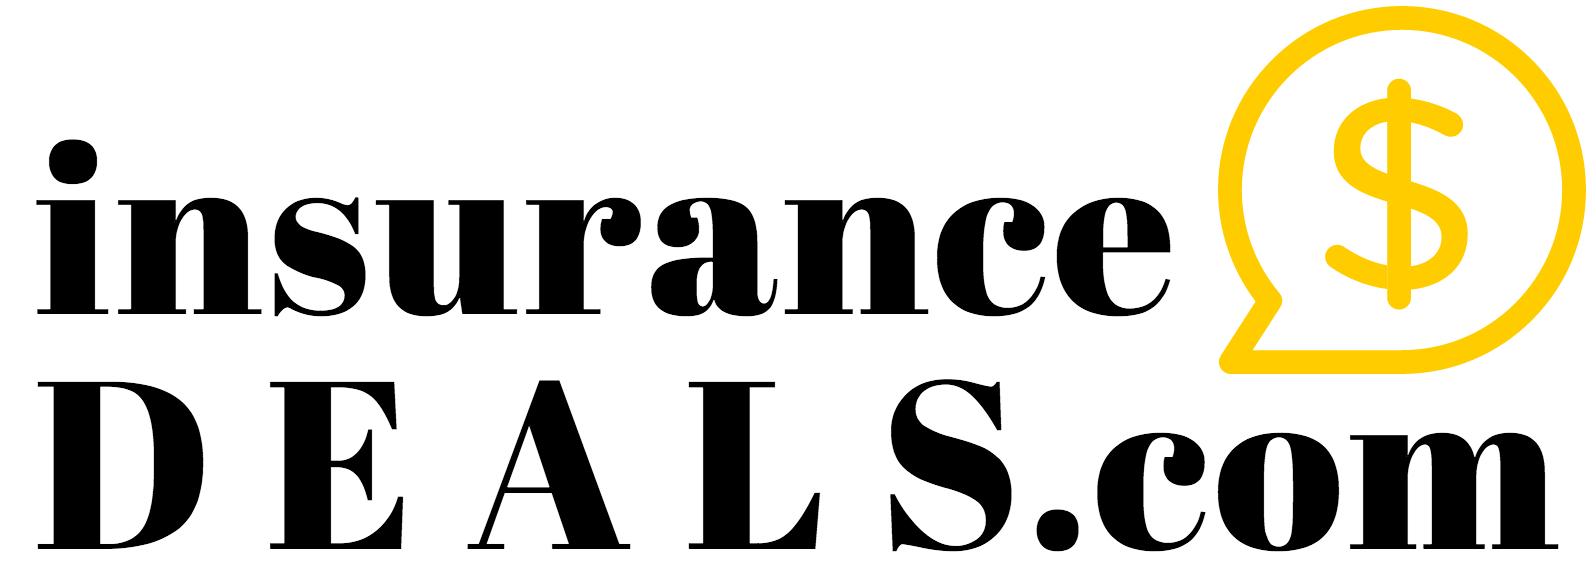 InsuranceDeals!